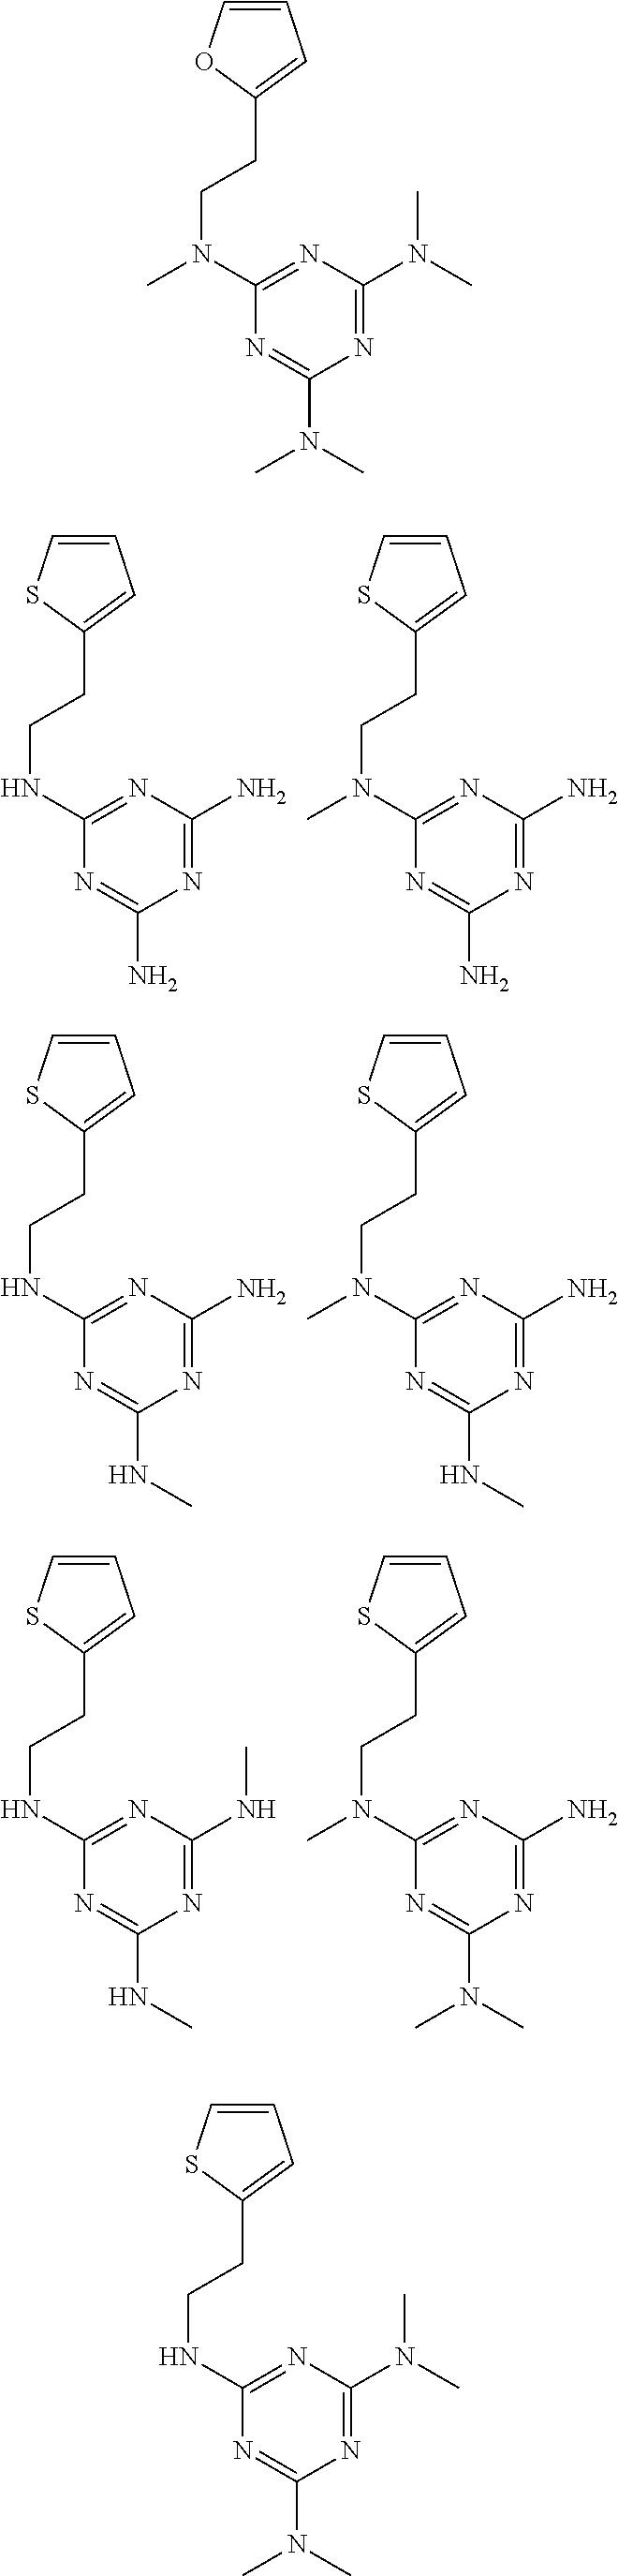 Figure US09480663-20161101-C00140